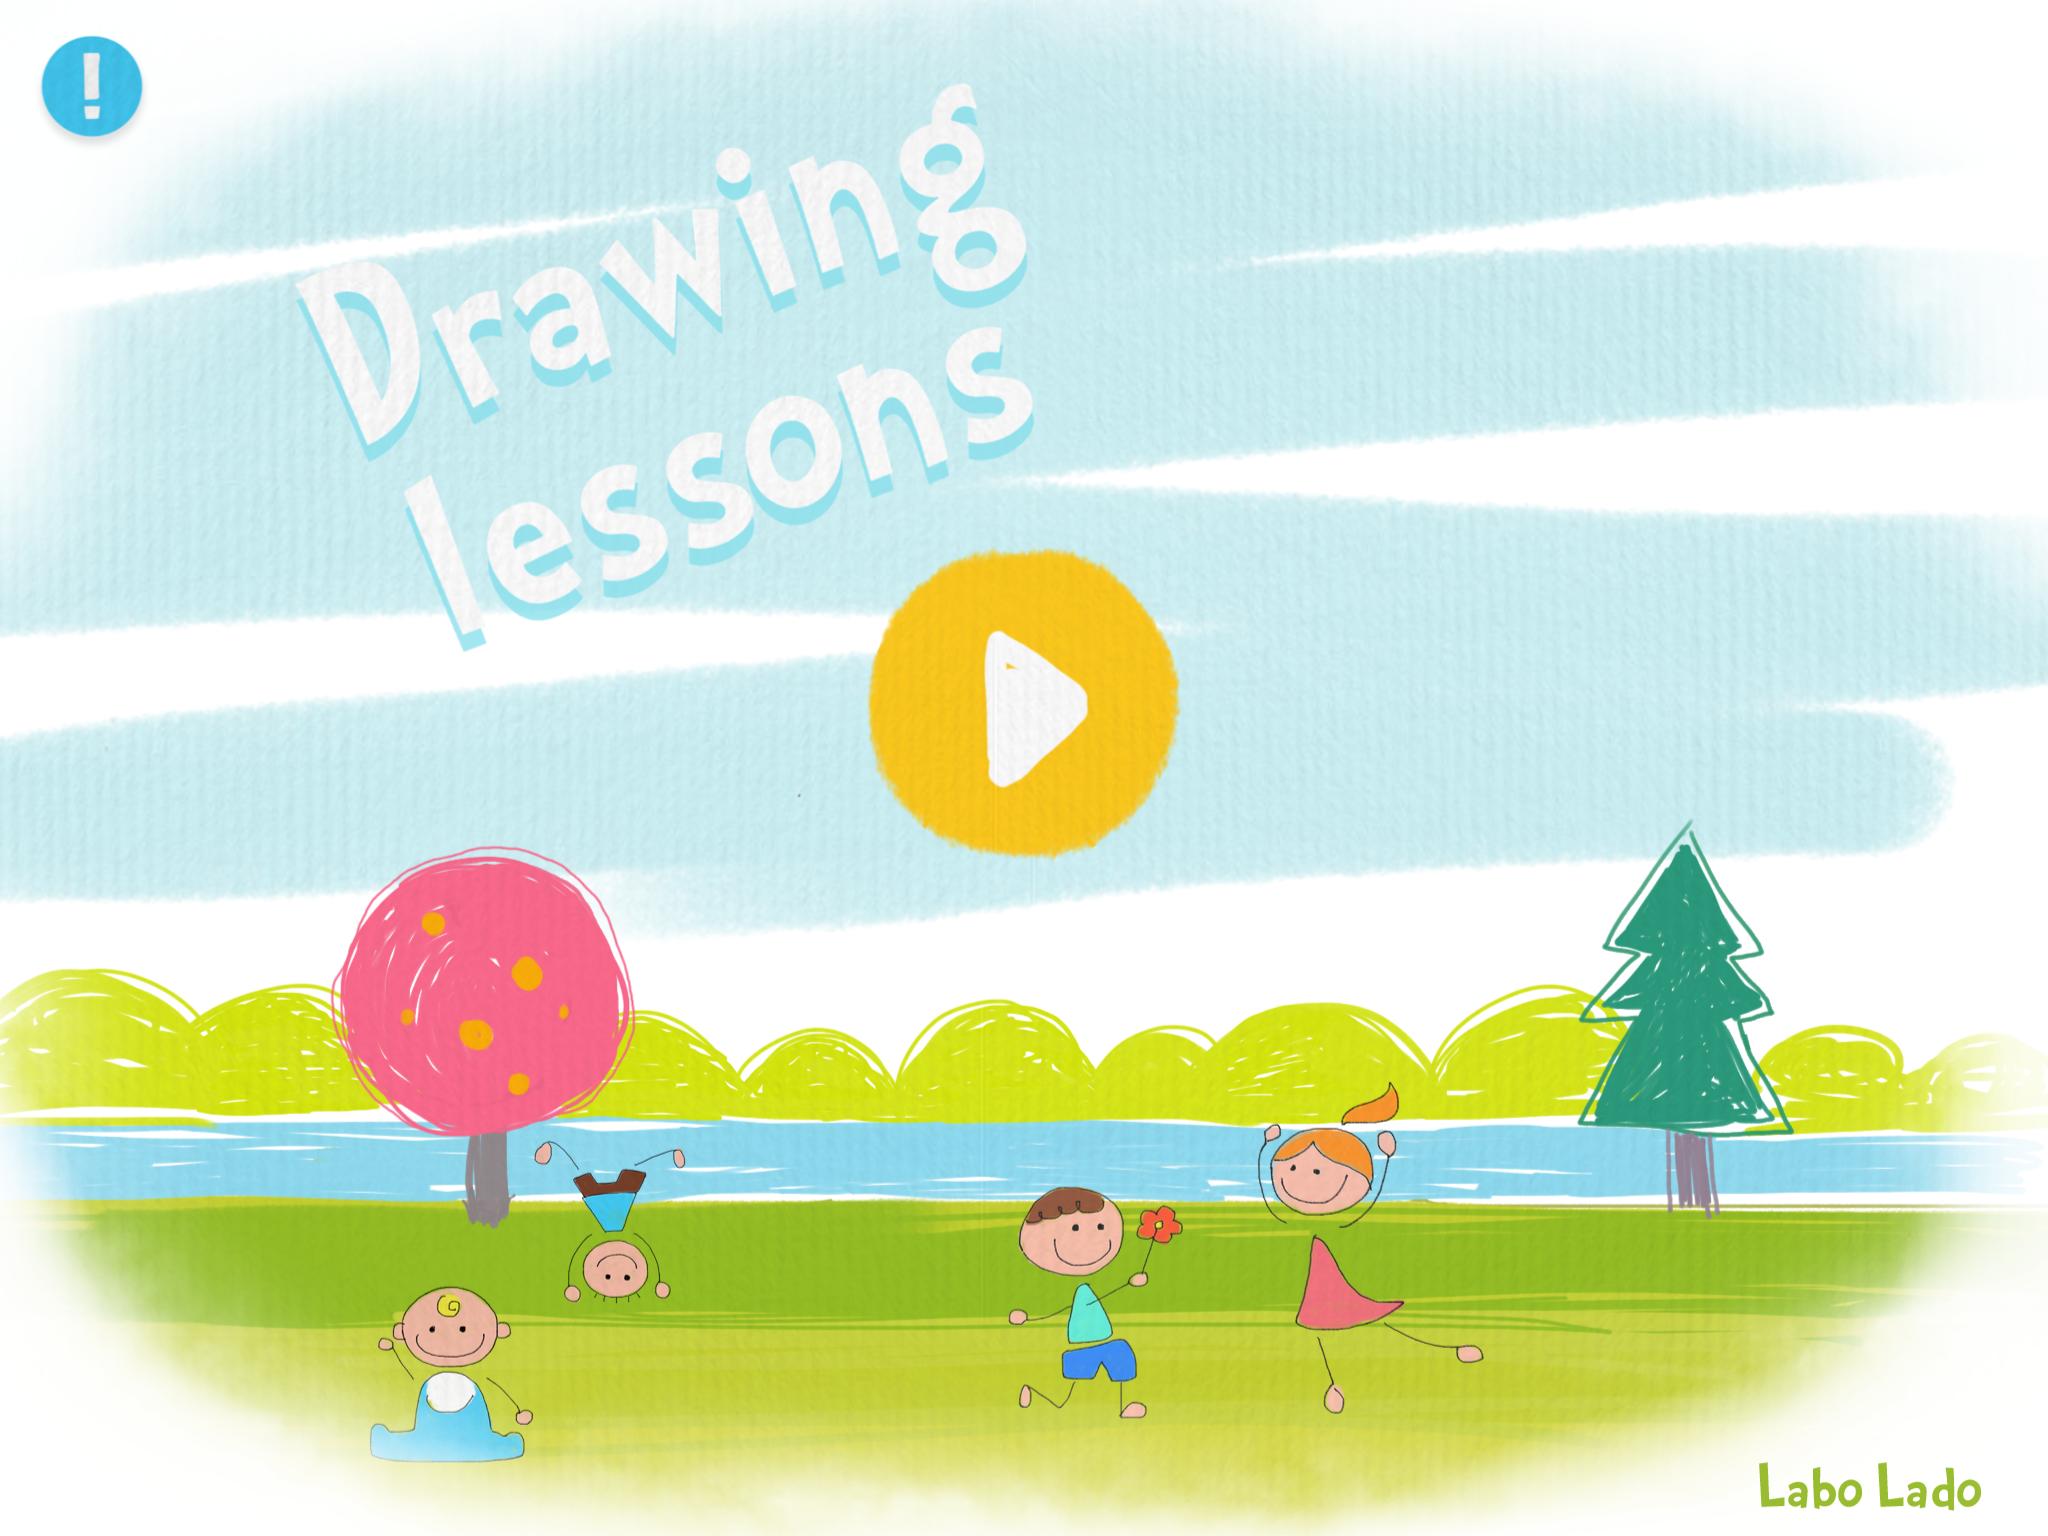 Apps Para Iniciarse En El Mundo Del Dibujo Ofrece 40 Disenos Para Dibujar Con Ayuda Drawing Lessons Disenos Para Dibujar Apps